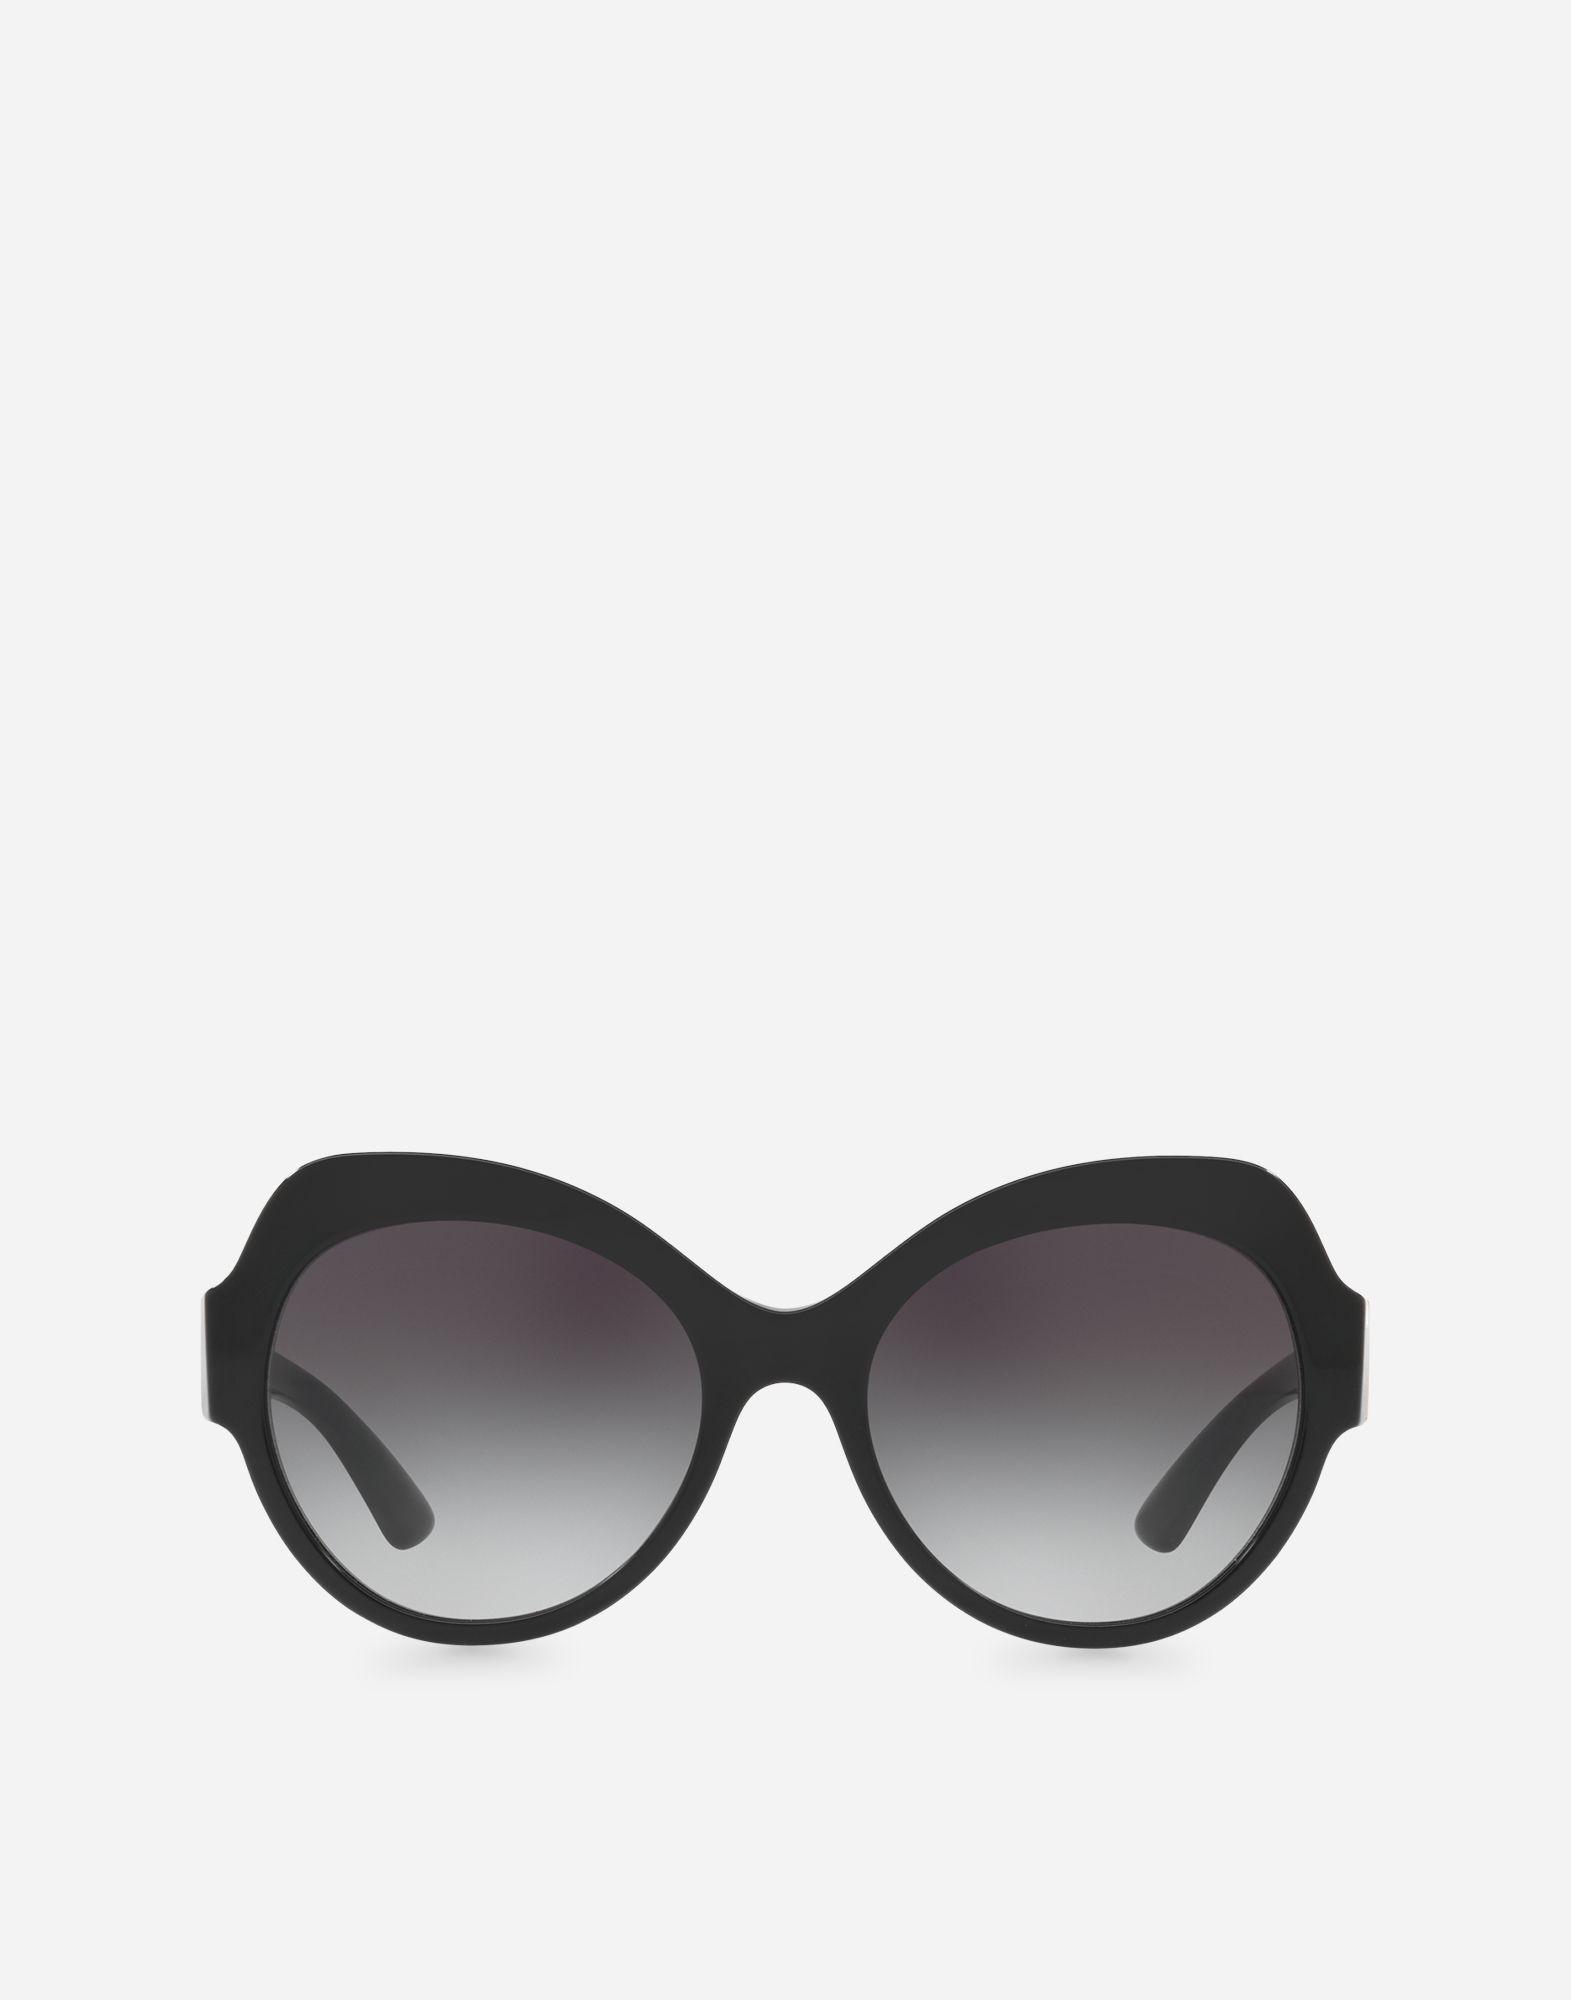 fda594b2e87 Dolce Gabbana Sunglasses Price Butterfly - Restaurant and Palinka Bar